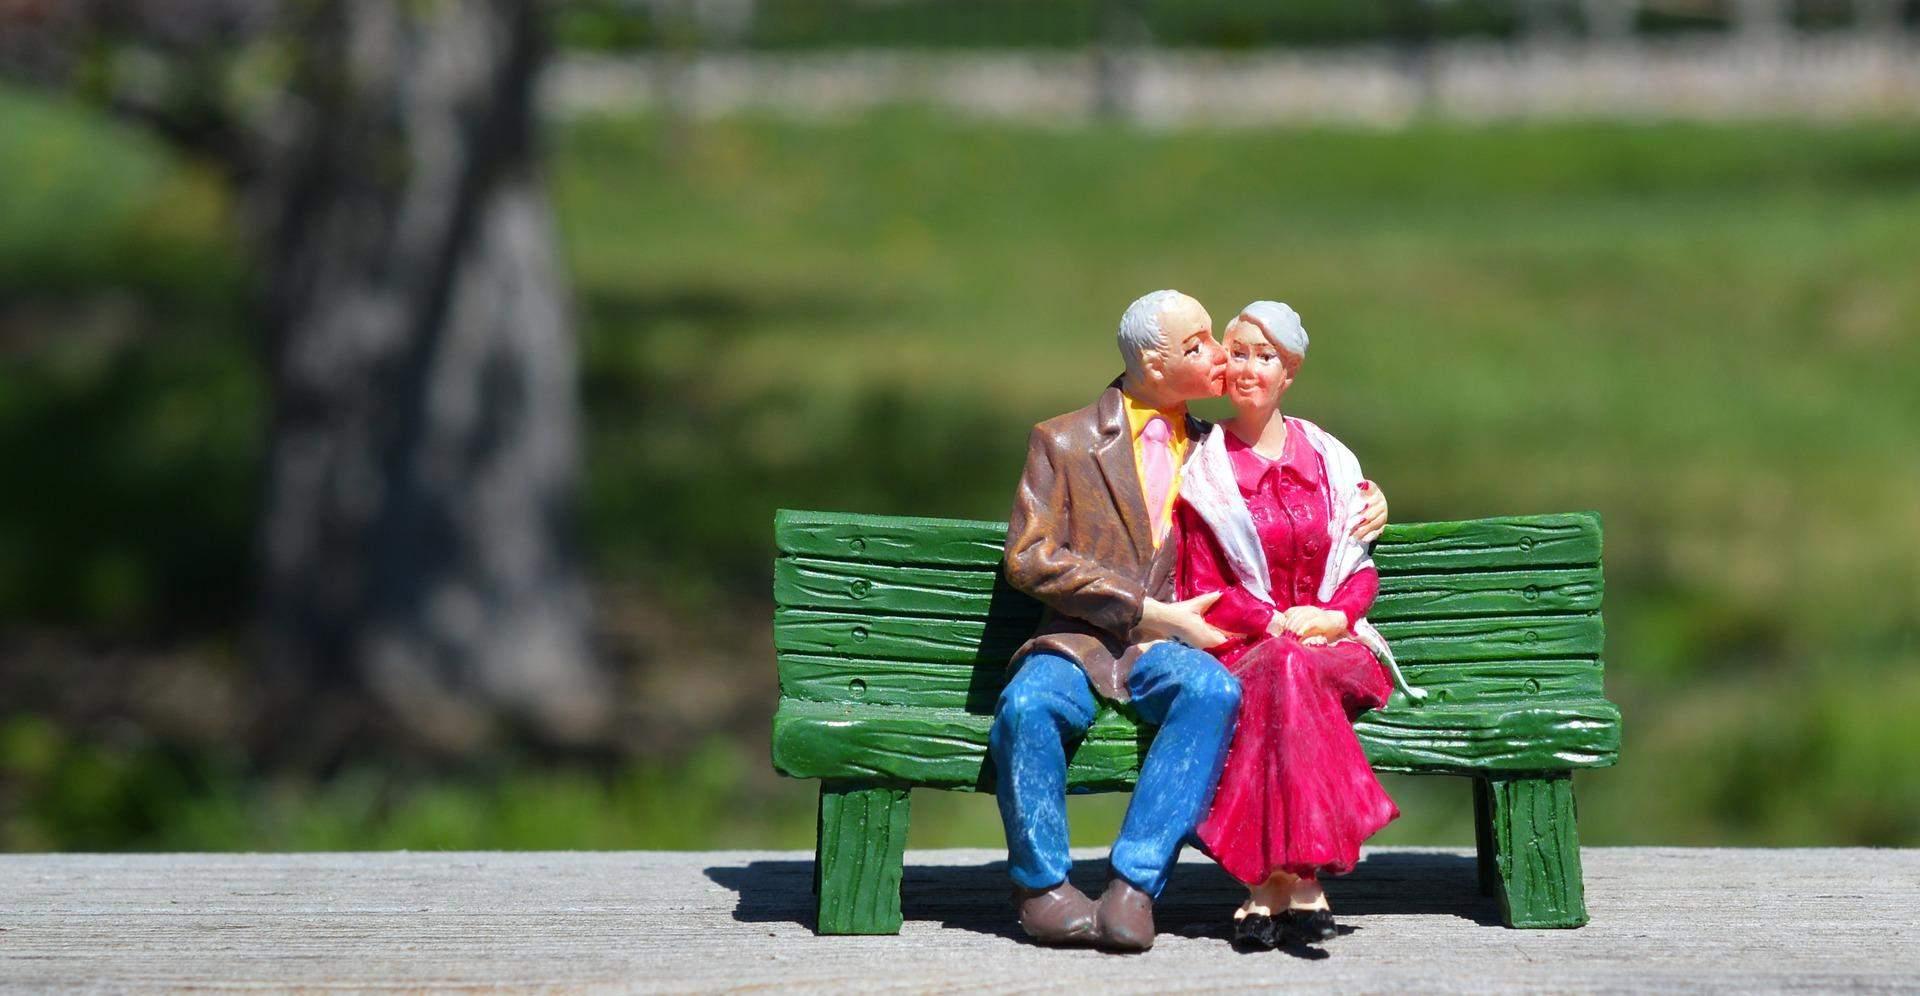 Близько 10 мільйонів пенсіонерів отримають вищі виплати у 2021